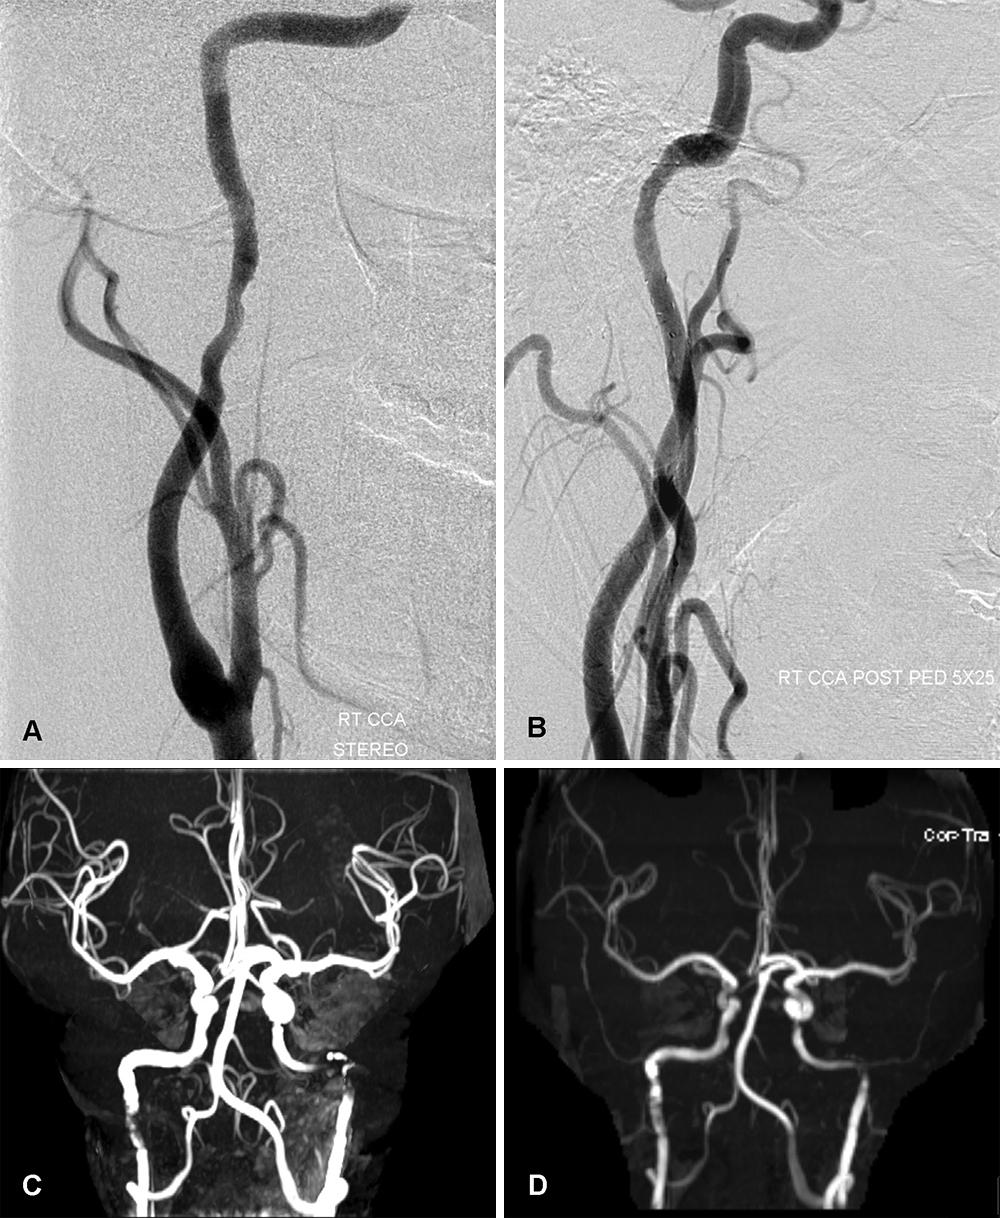 Spontaneous bilateral internal carotid and vertebral artery